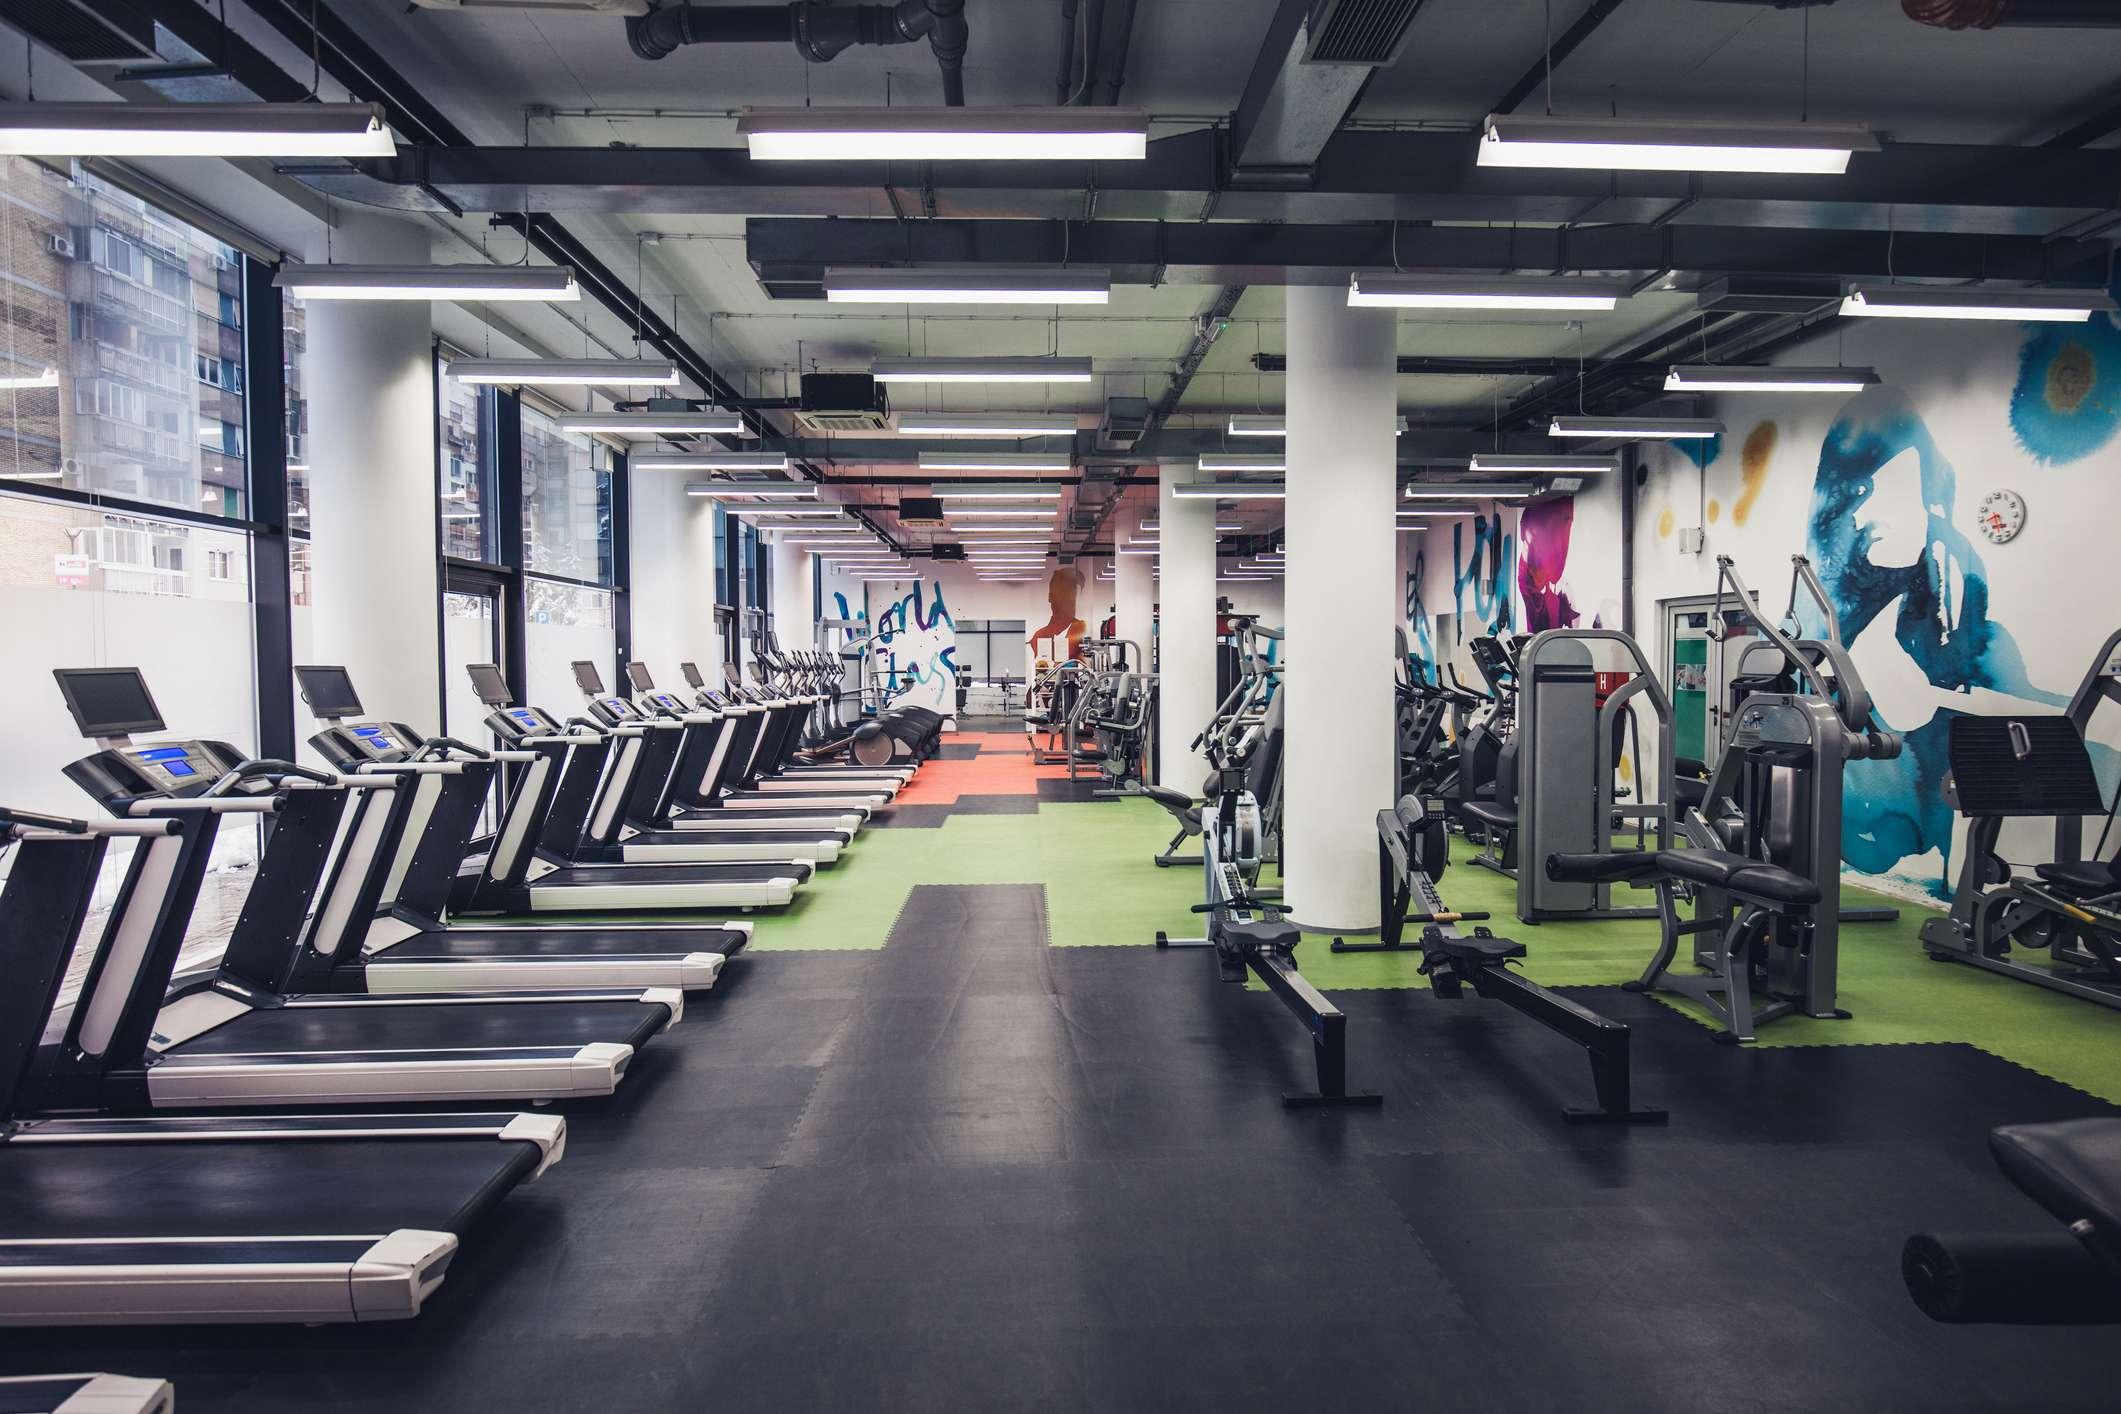 Будут ли закрыты фитнес клубы в москве ночной клуб фараон барнаула